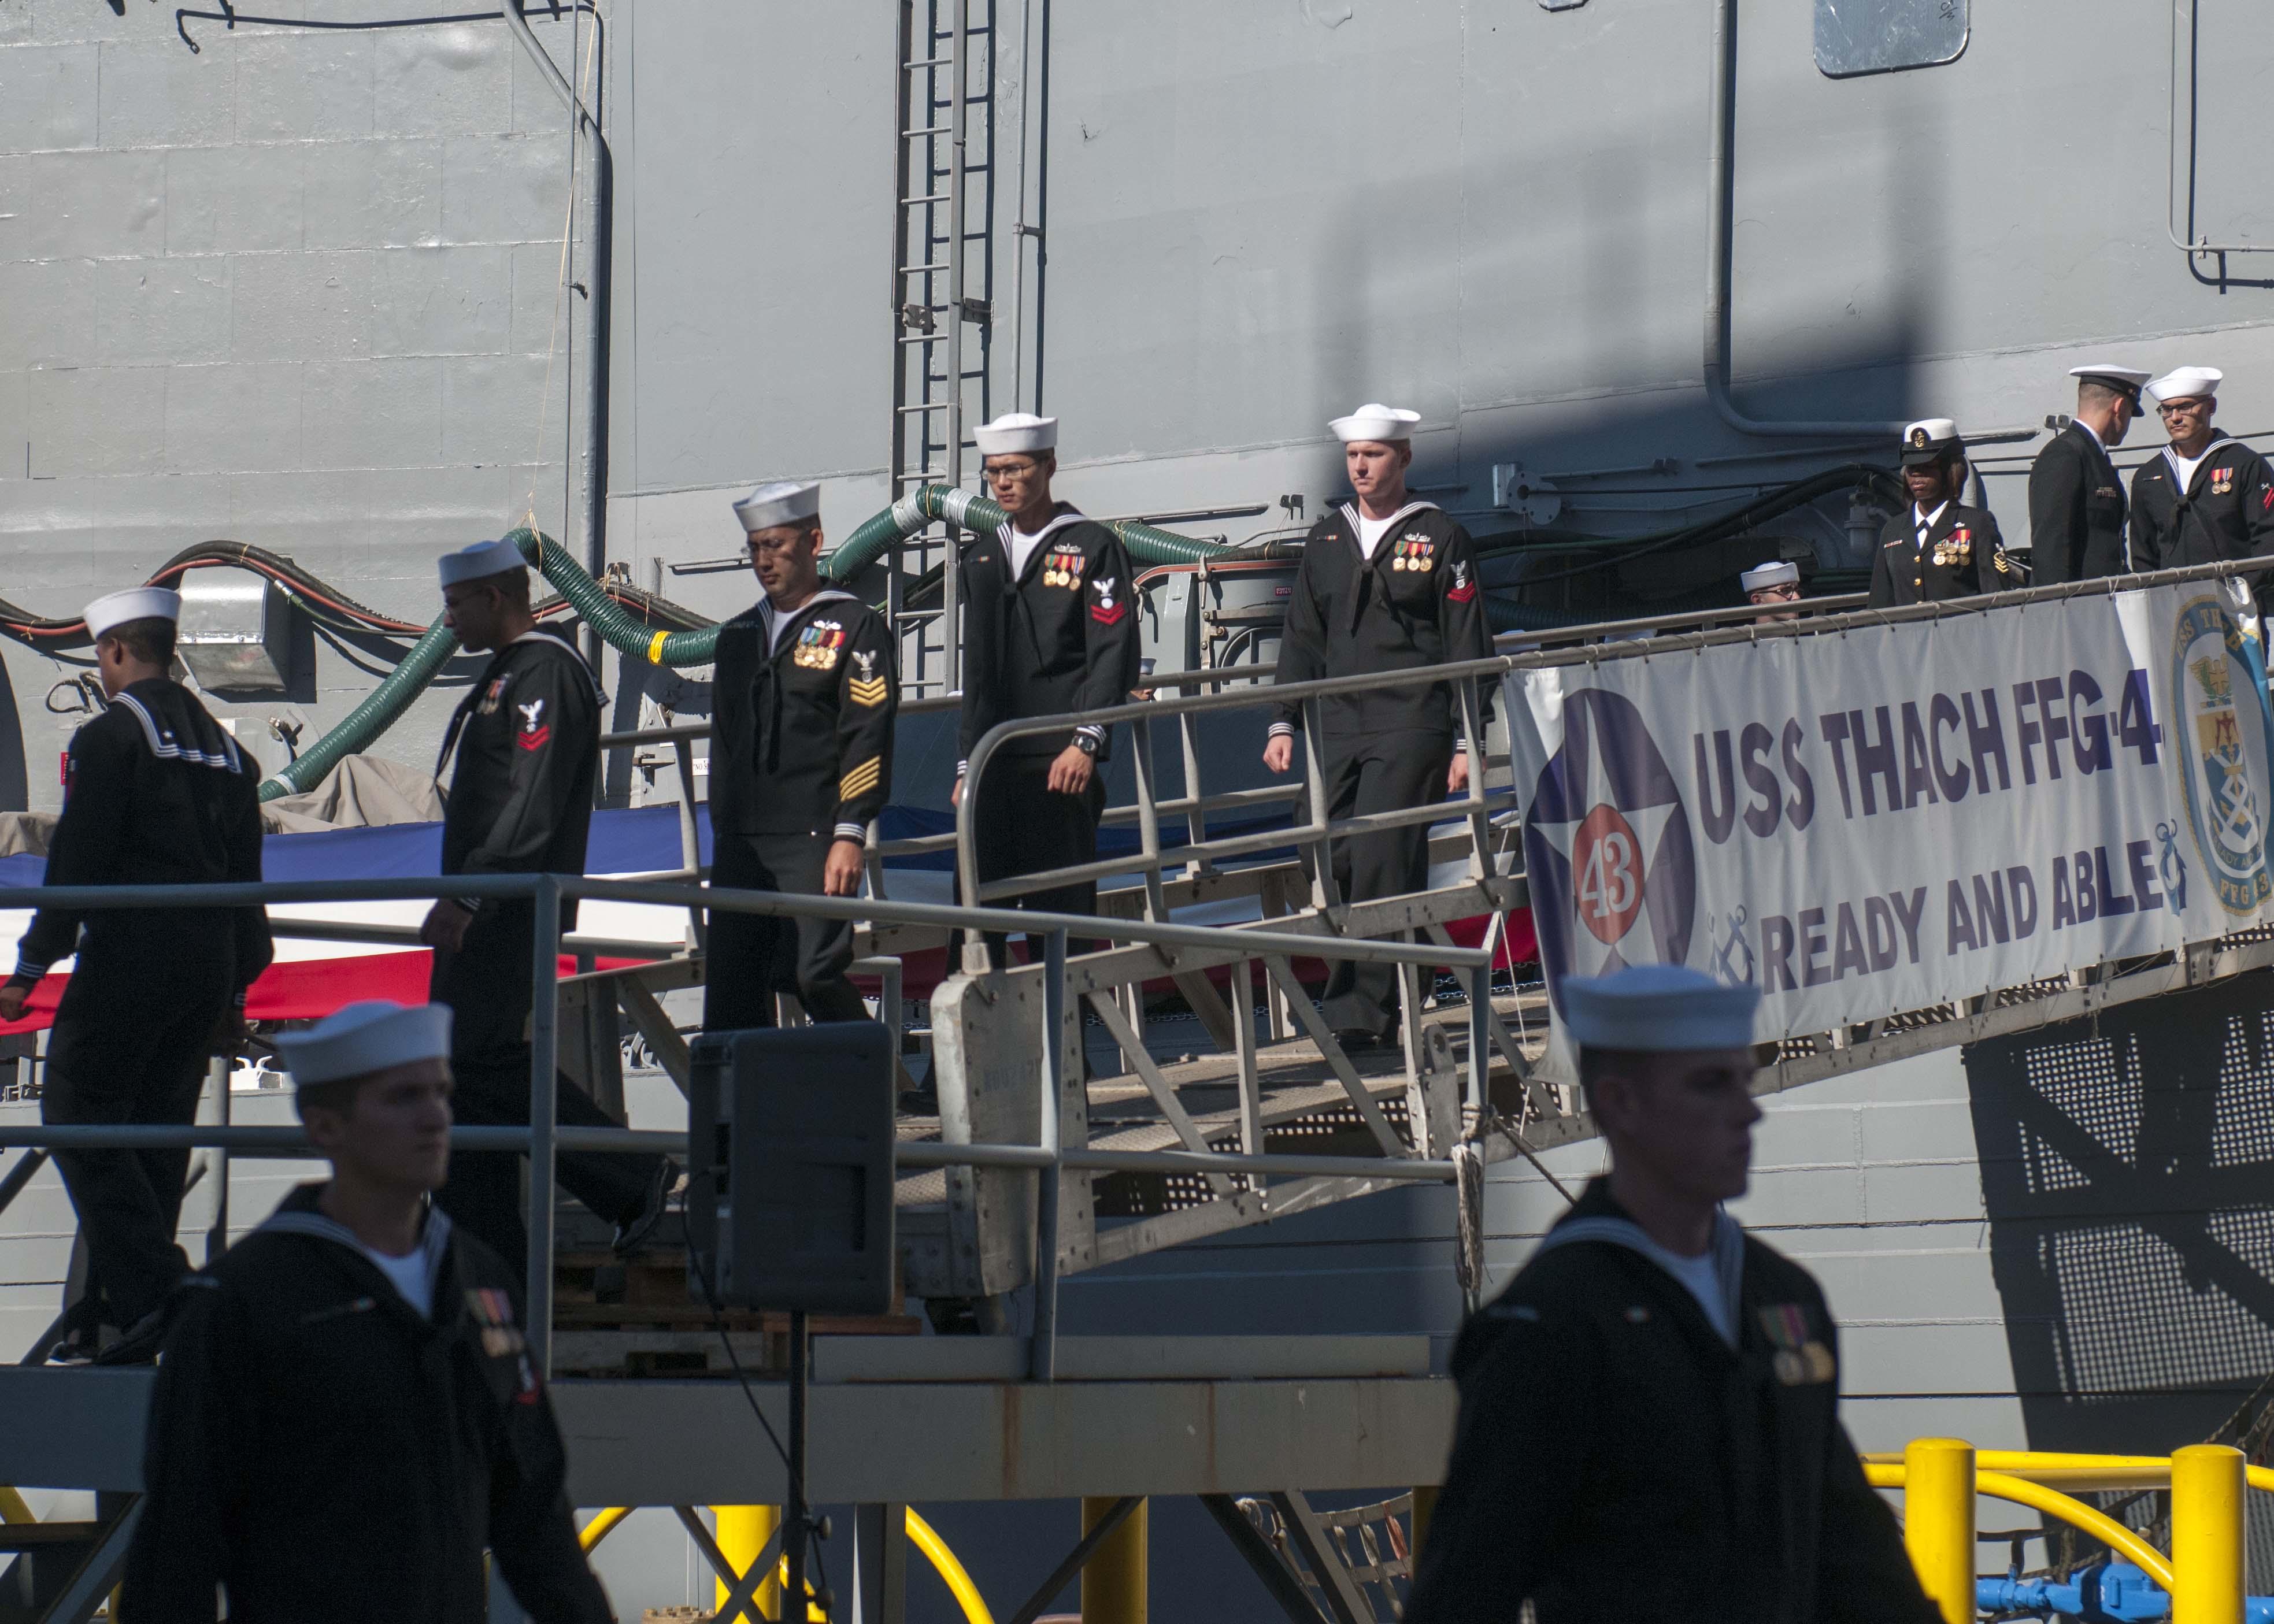 USS THACH FFG-43 Decommissioning CeremonyBild: U.S. Navy